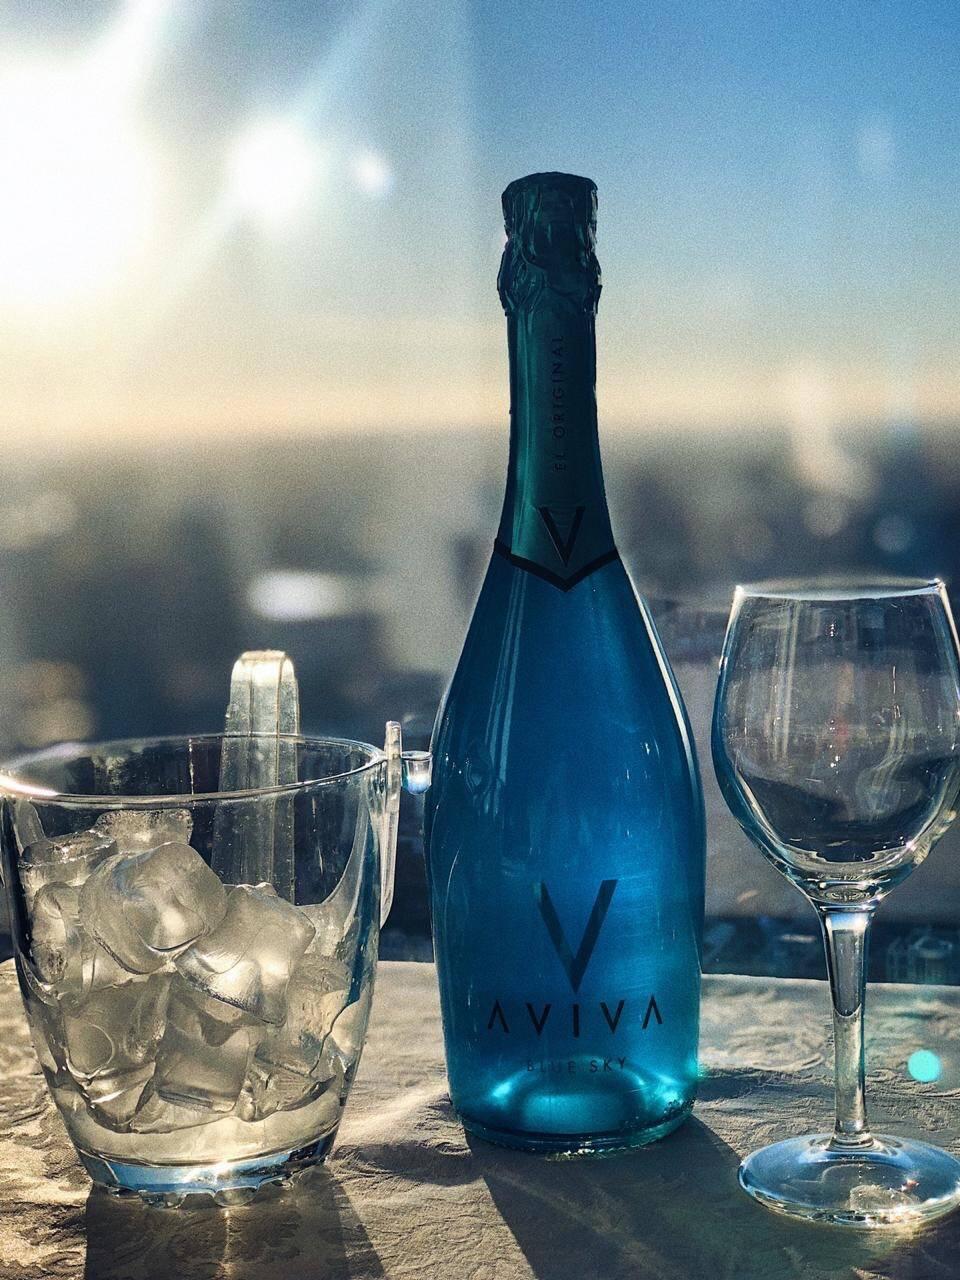 Перламутровое шампанское: блестящее, игристое, цветное вино с блестками, описание и состав aviva